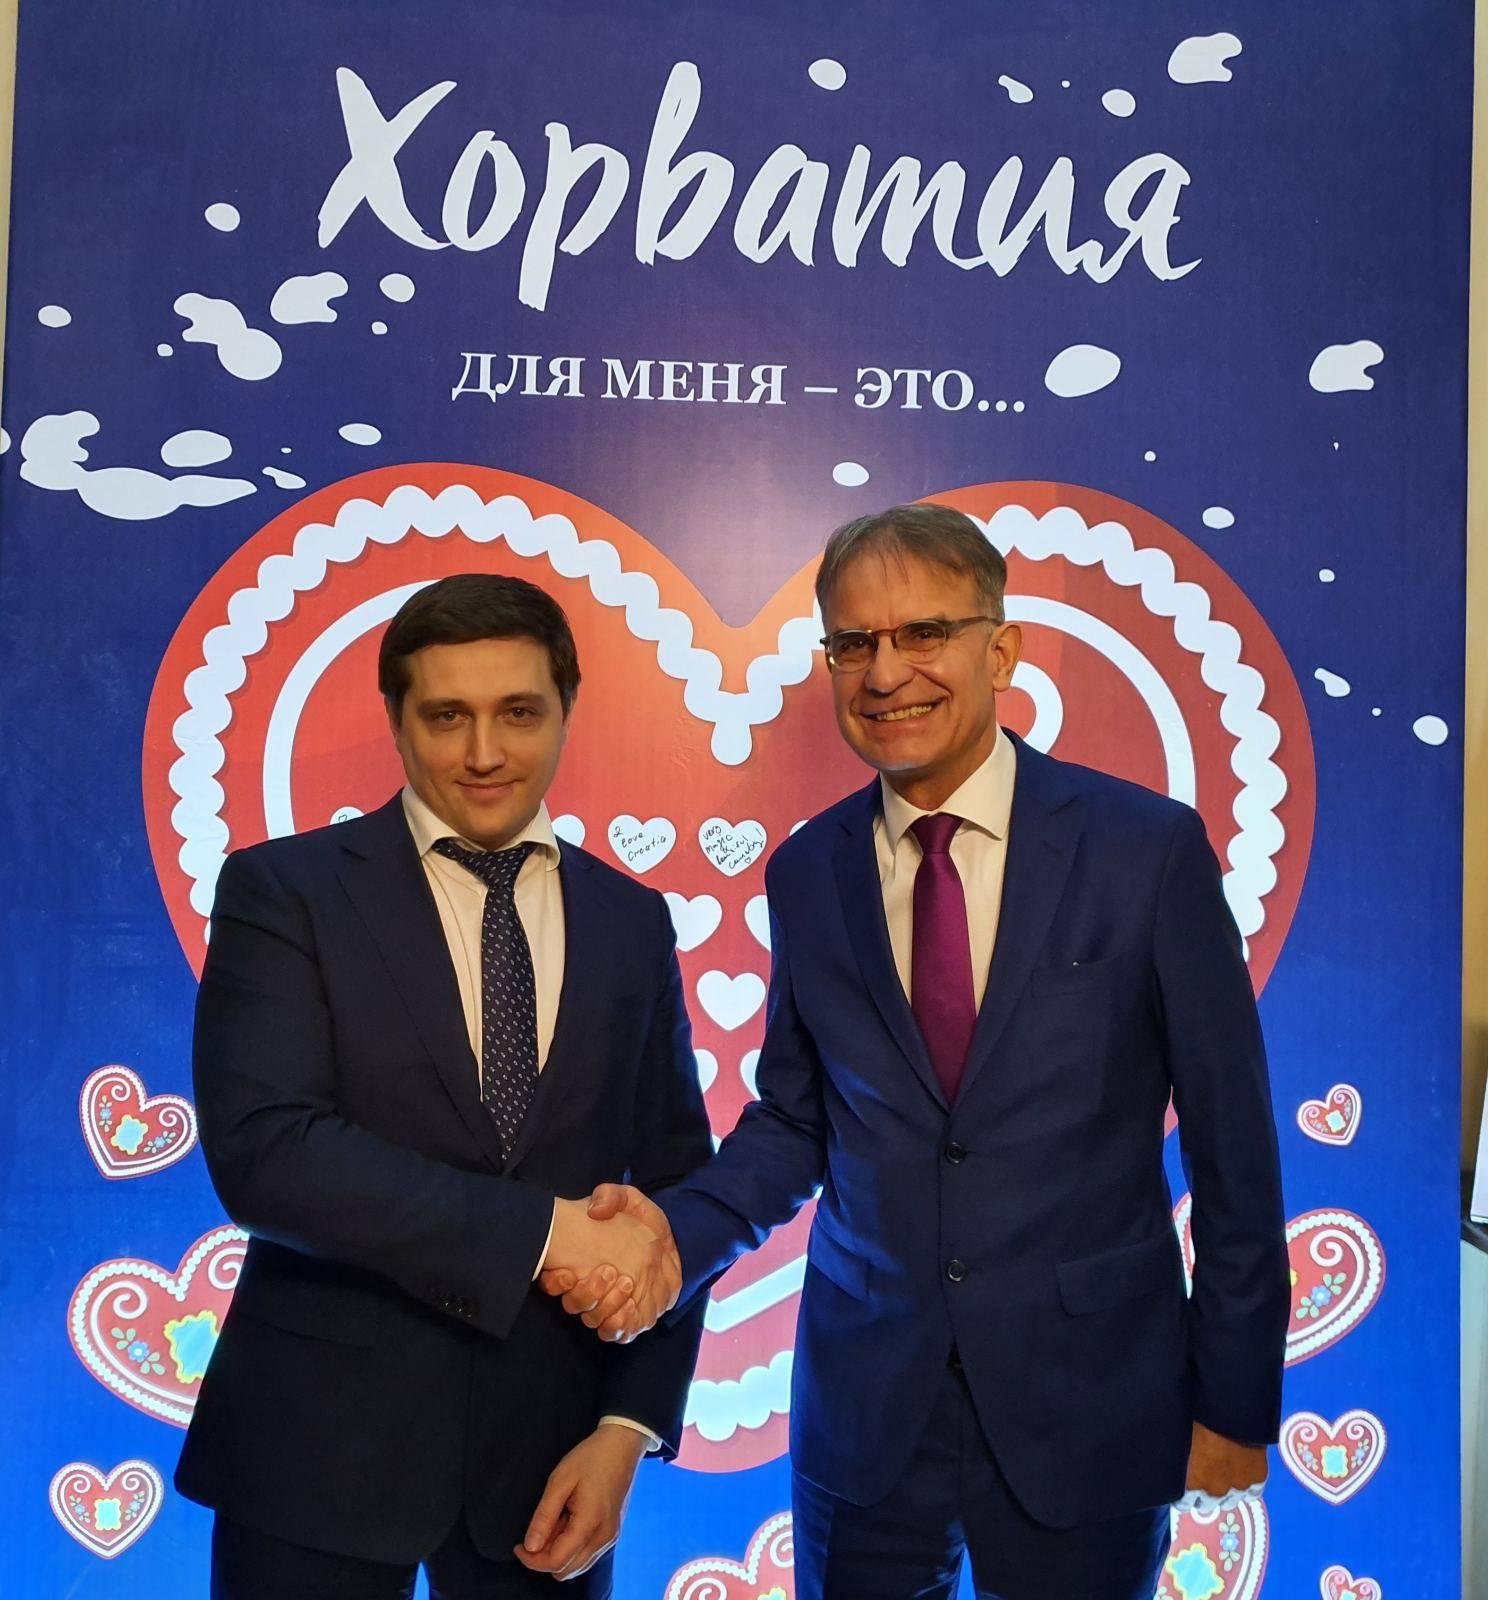 U srcu Moskve predstavili smo najbolje od hrvatskog turizma